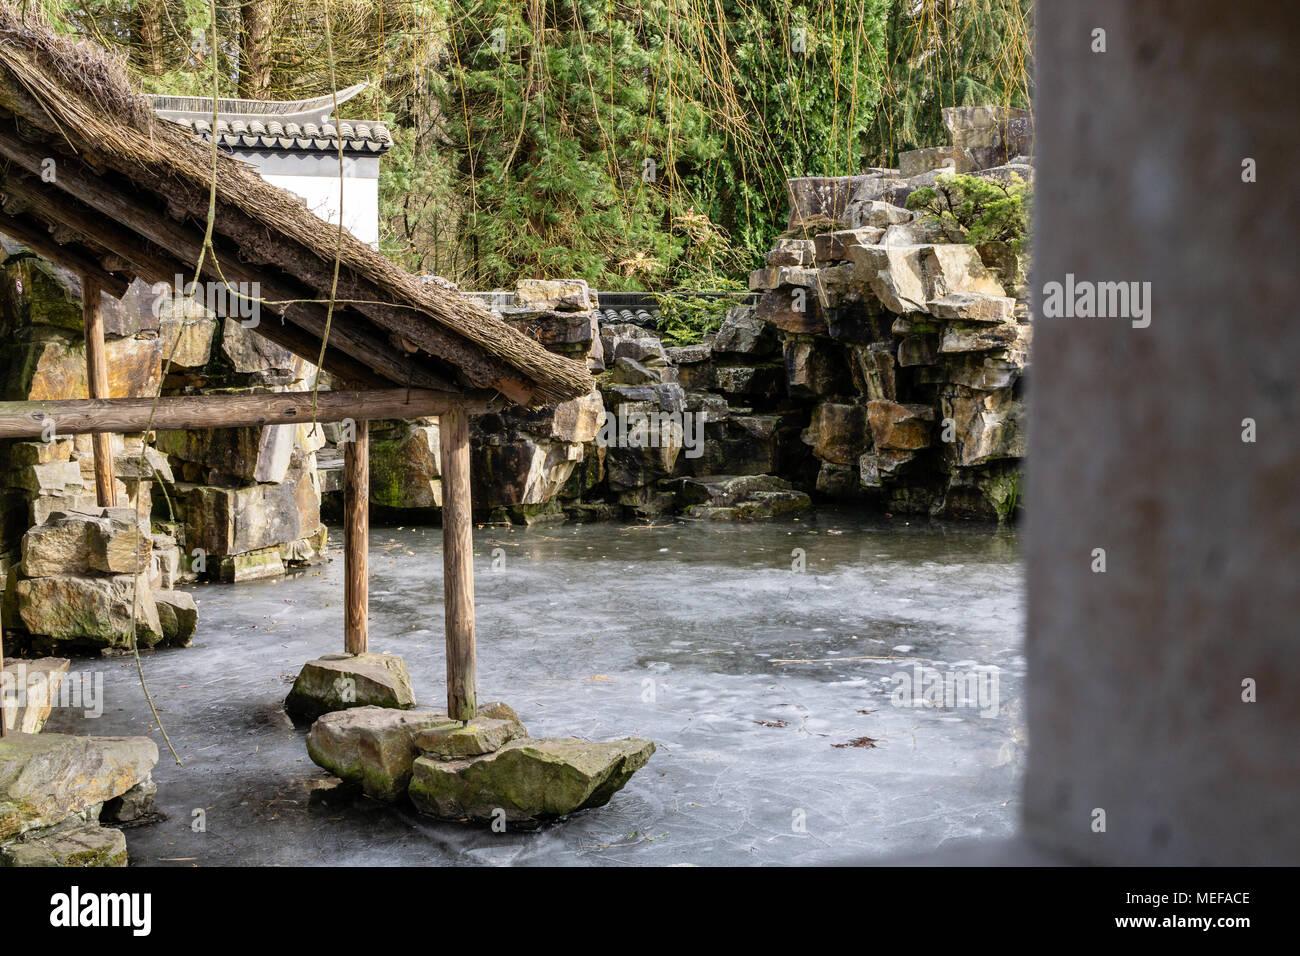 https www alamyimages fr cabane de jardin en pierre de glace asiatique image181046334 html